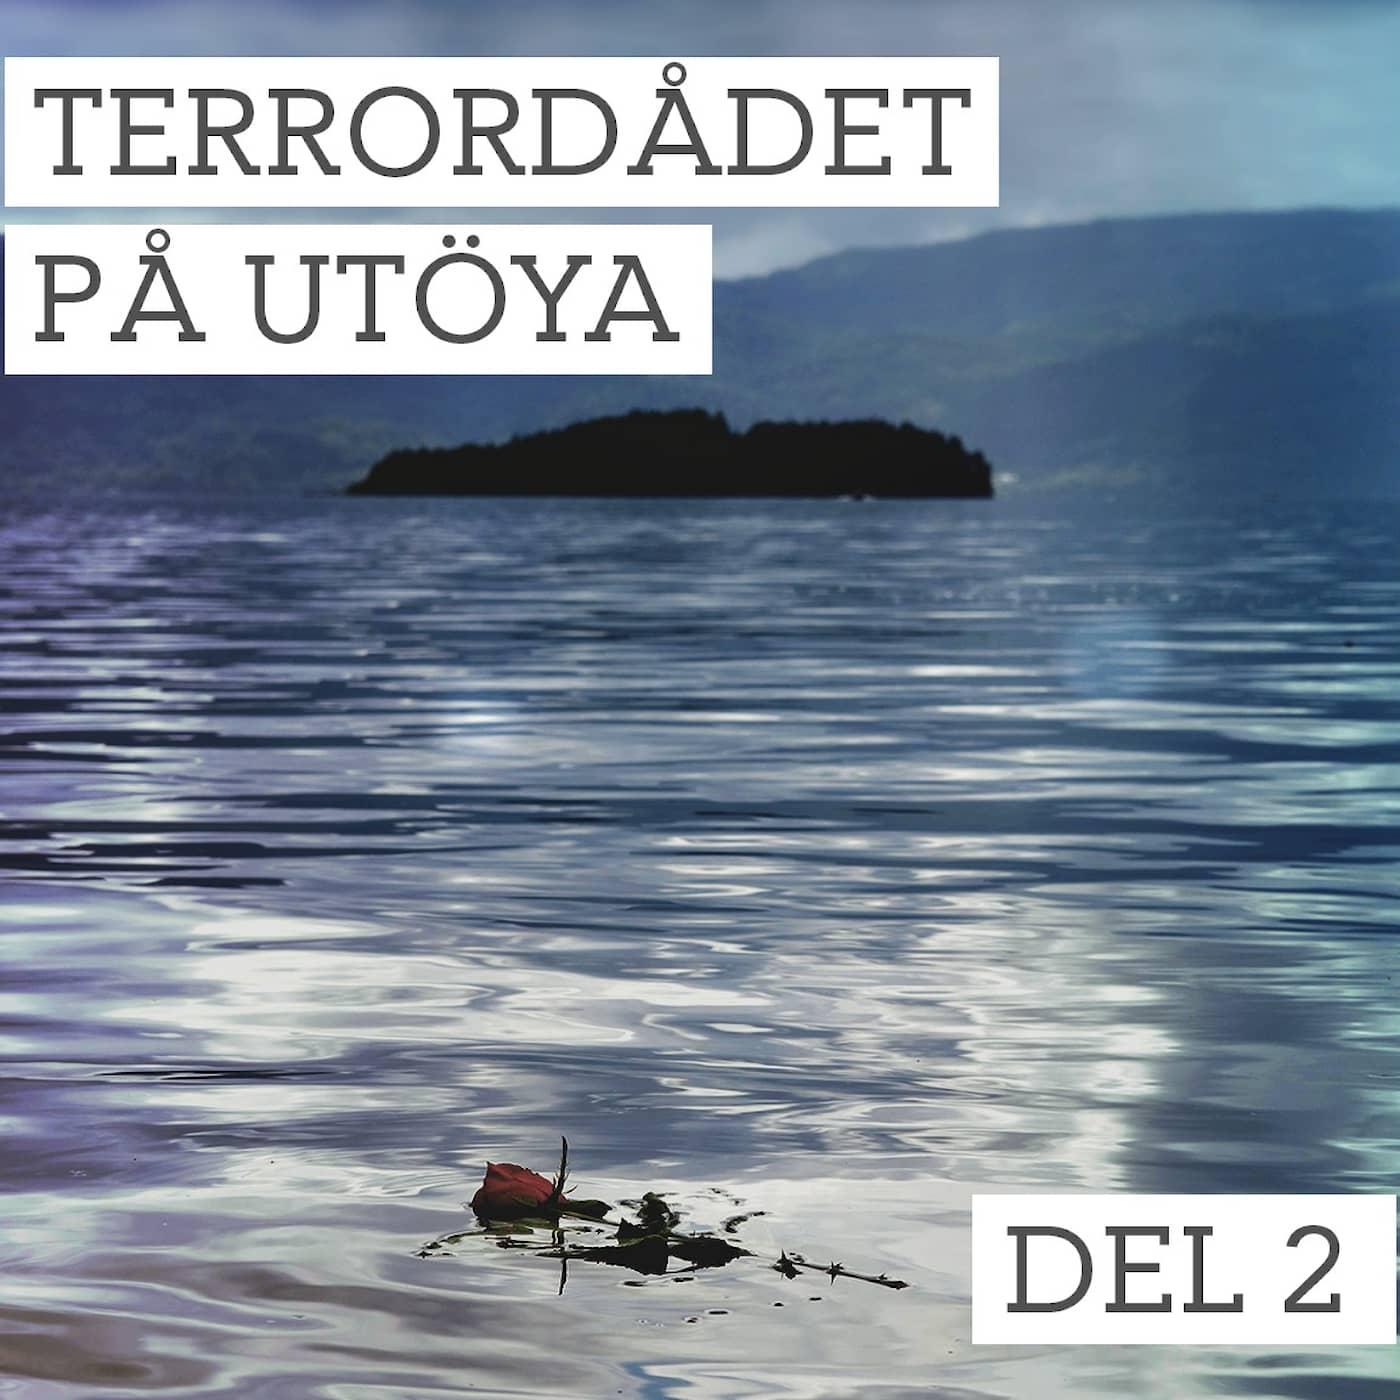 Del 2/3. Terrordådet på Utöya - Vem är Anders Behring Breivik?